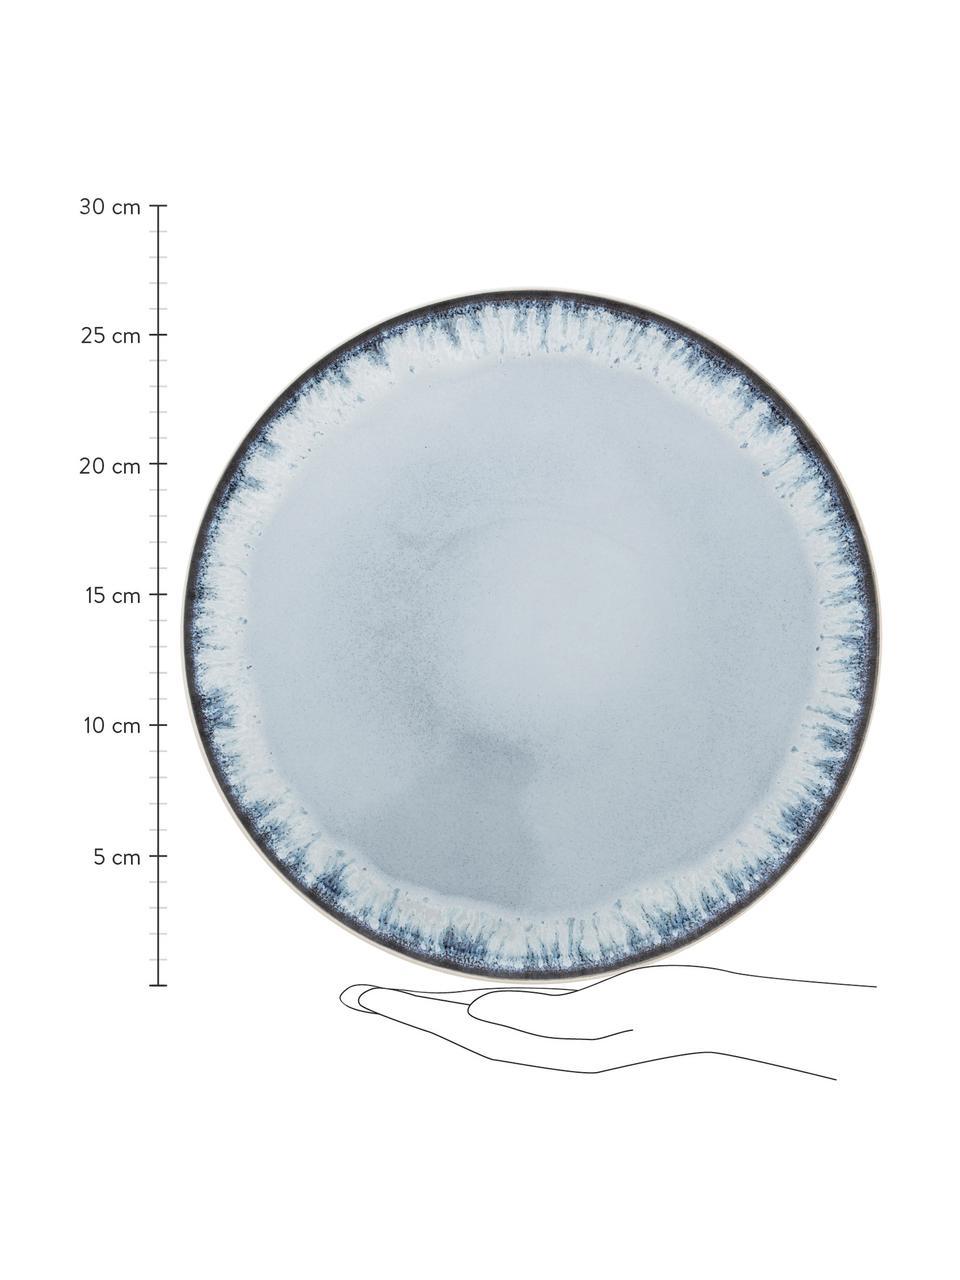 Talerz duży Inspiration, 2 szt., Kamionka, Niebieski, jasny beżowy, Ø 27 cm